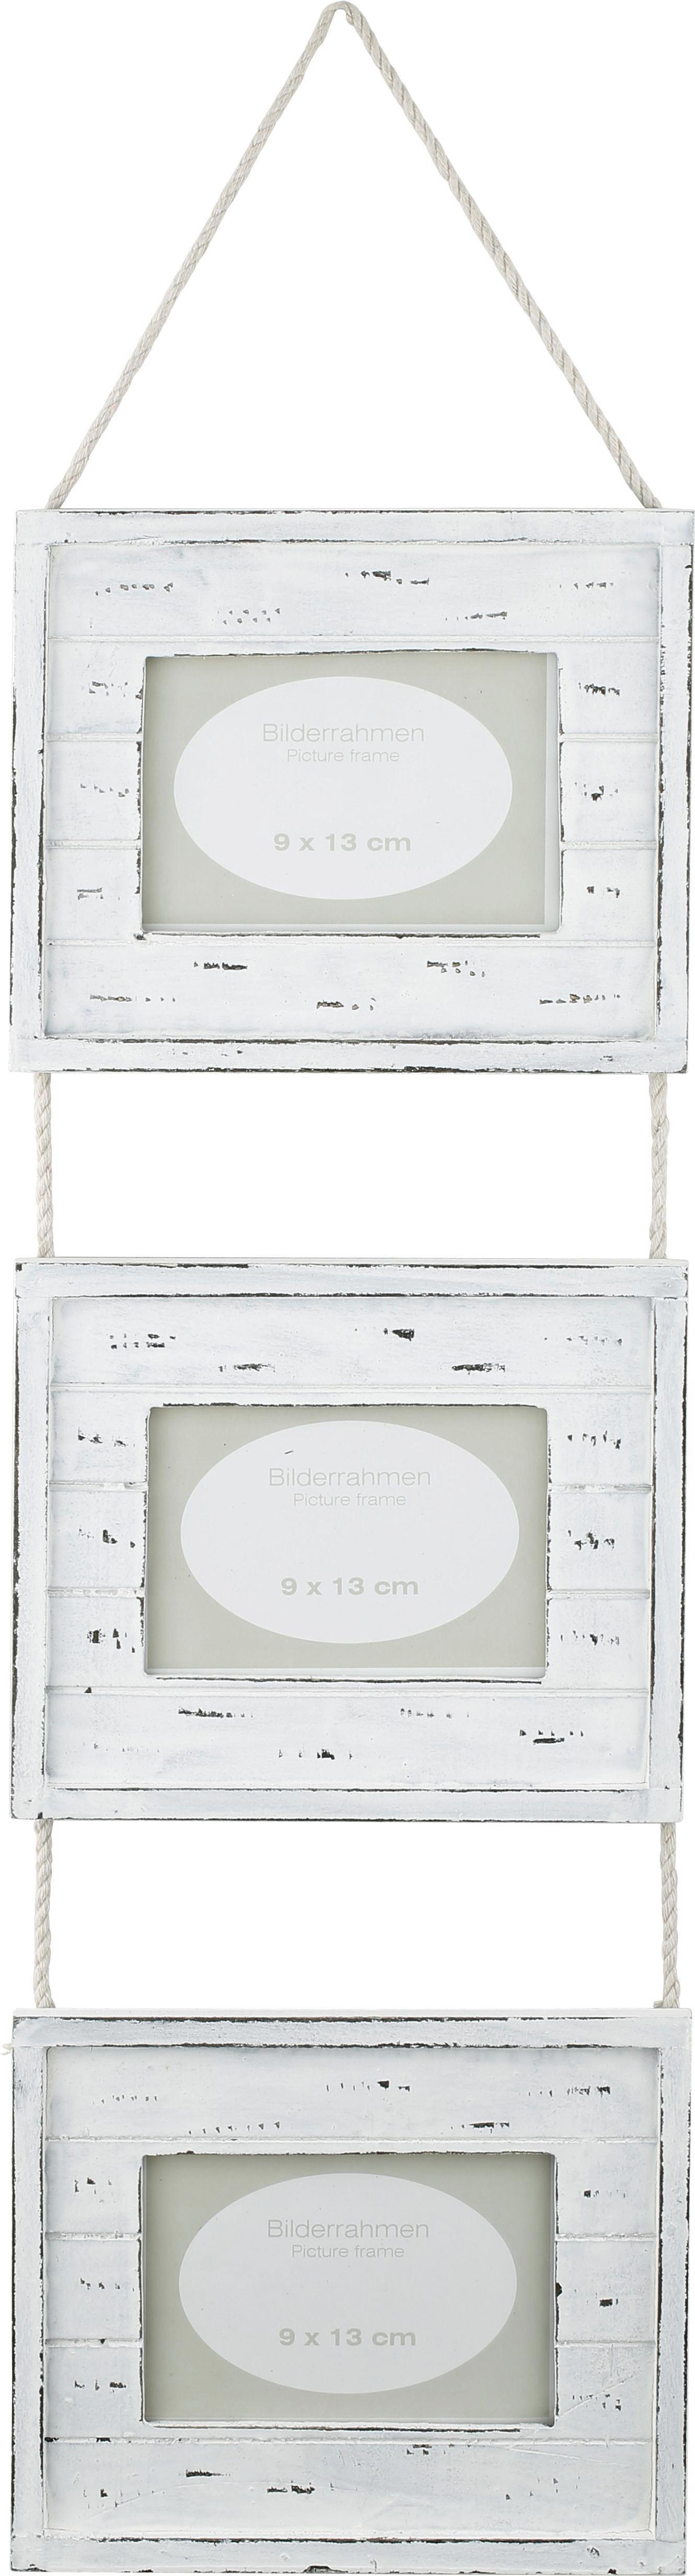 Gemütlich 14x36 Rahmen Bilder - Benutzerdefinierte Bilderrahmen ...